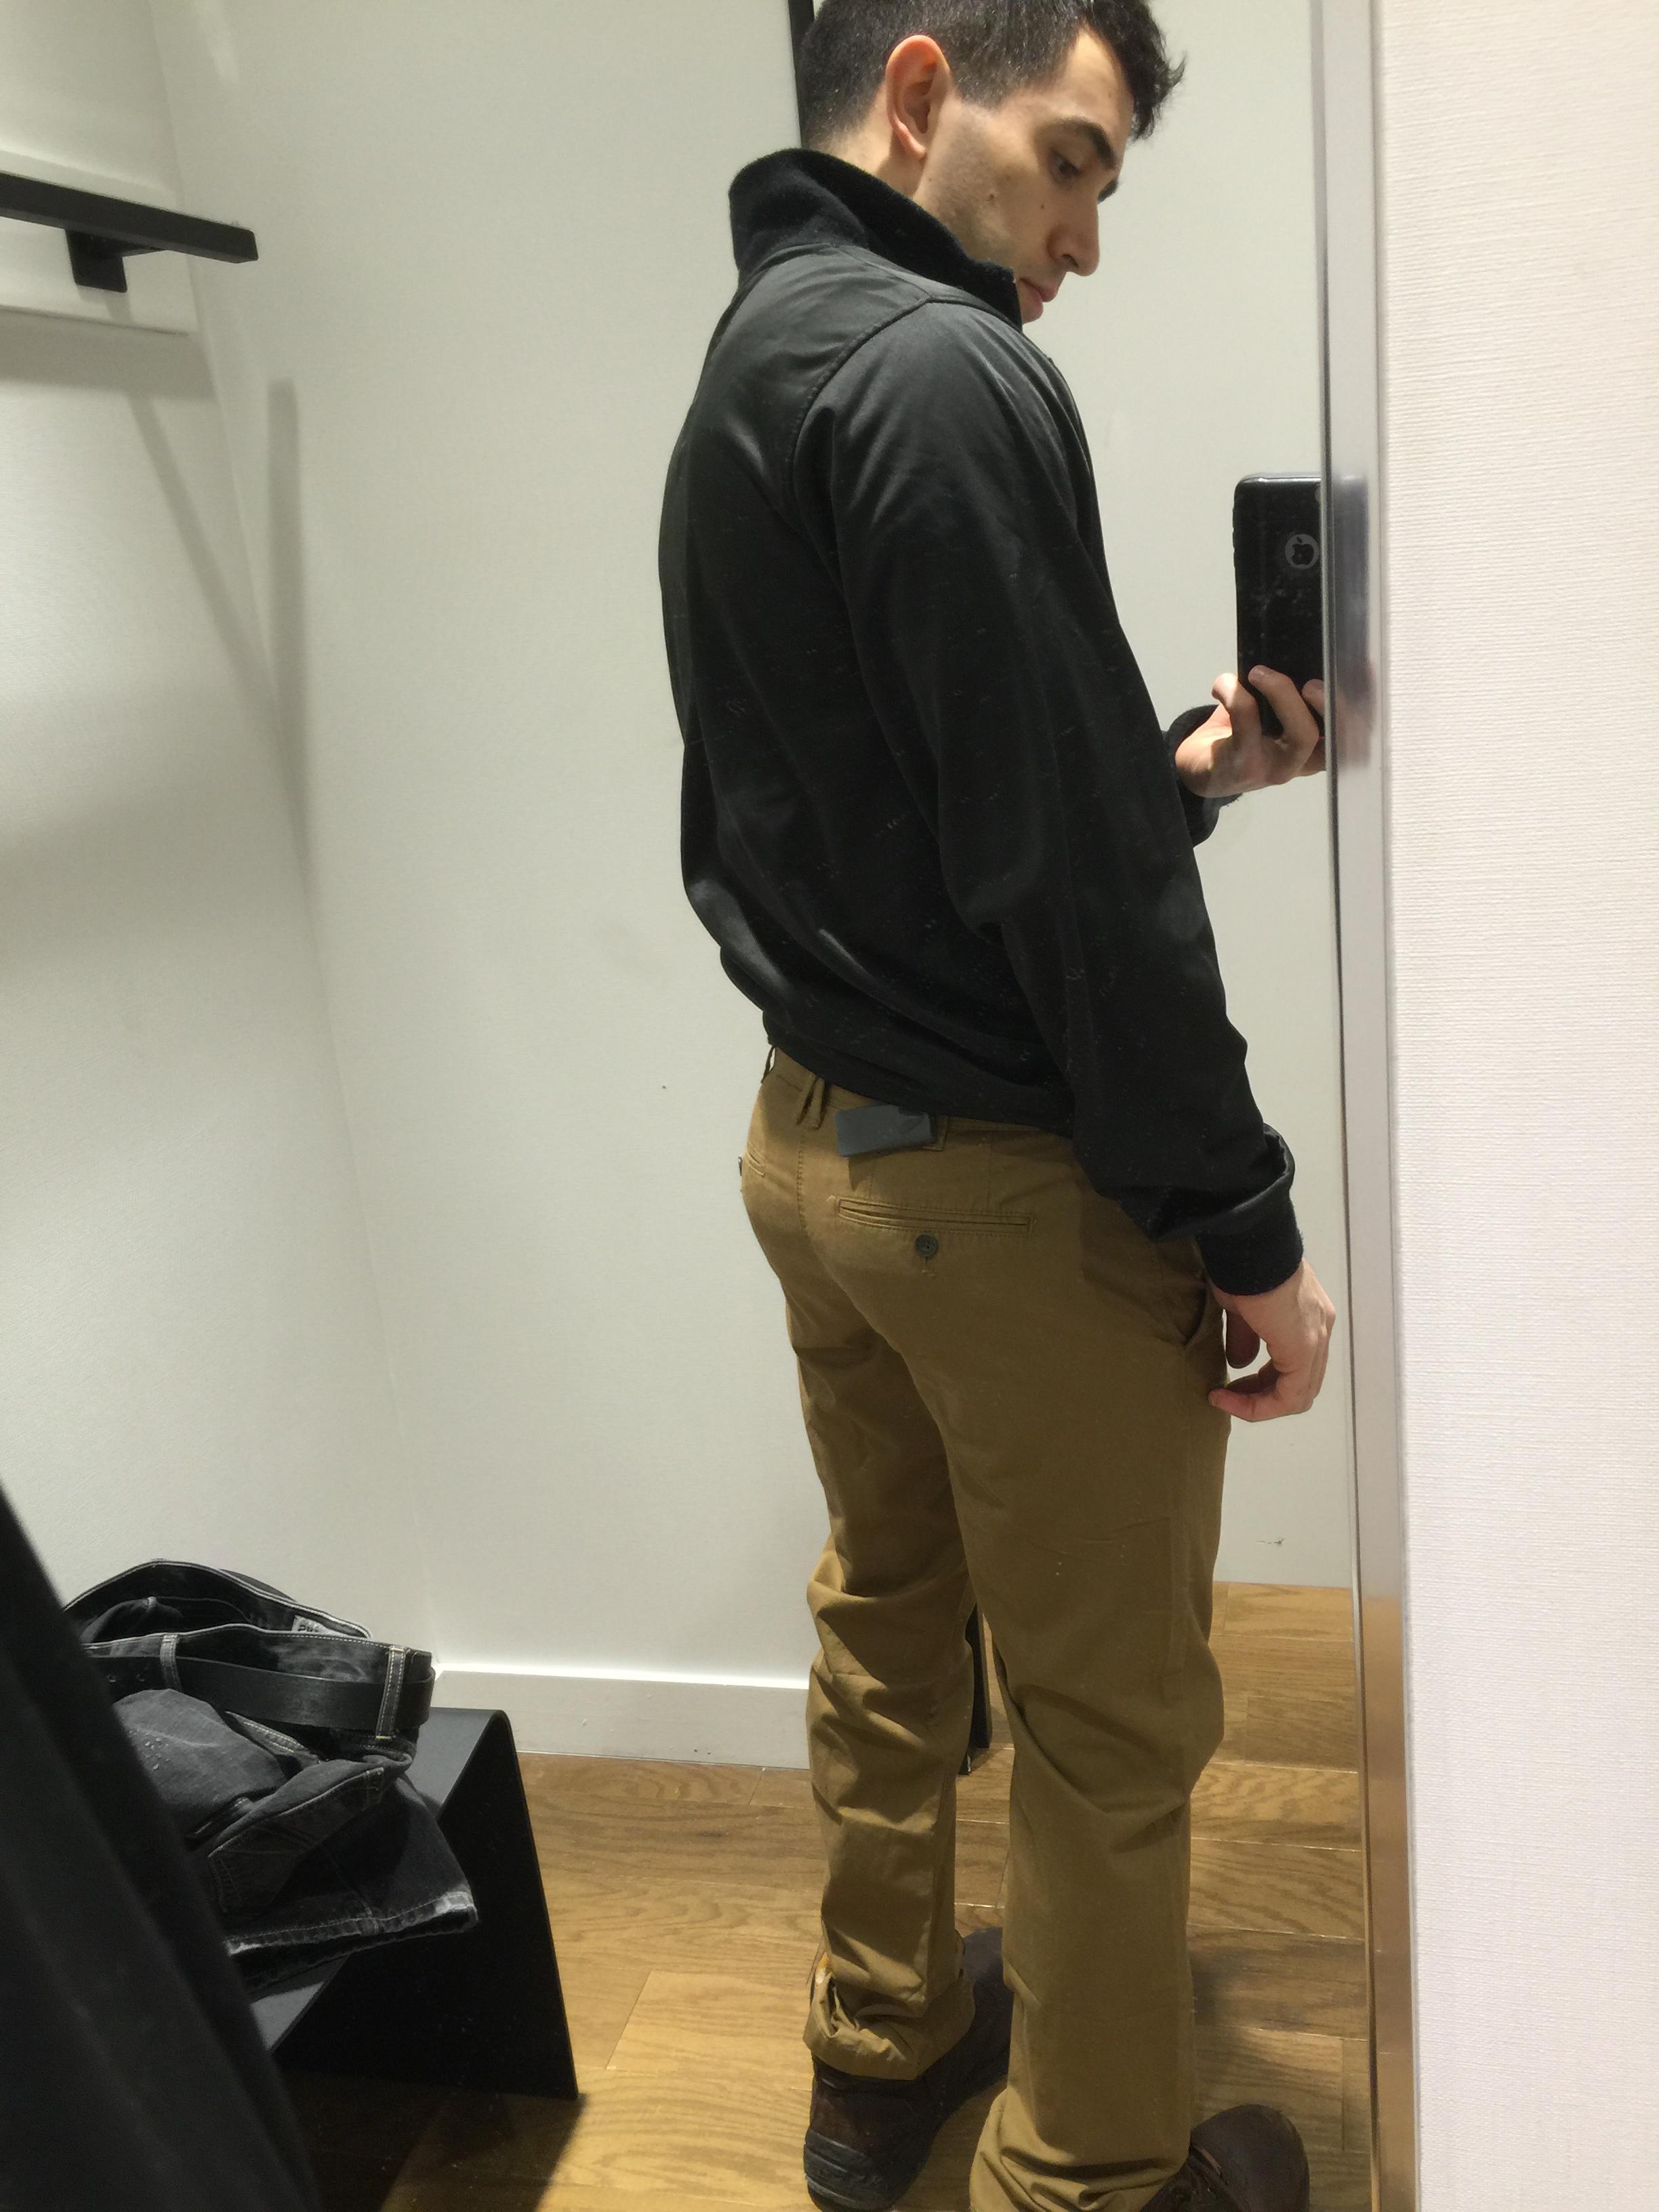 Guy bubble butt